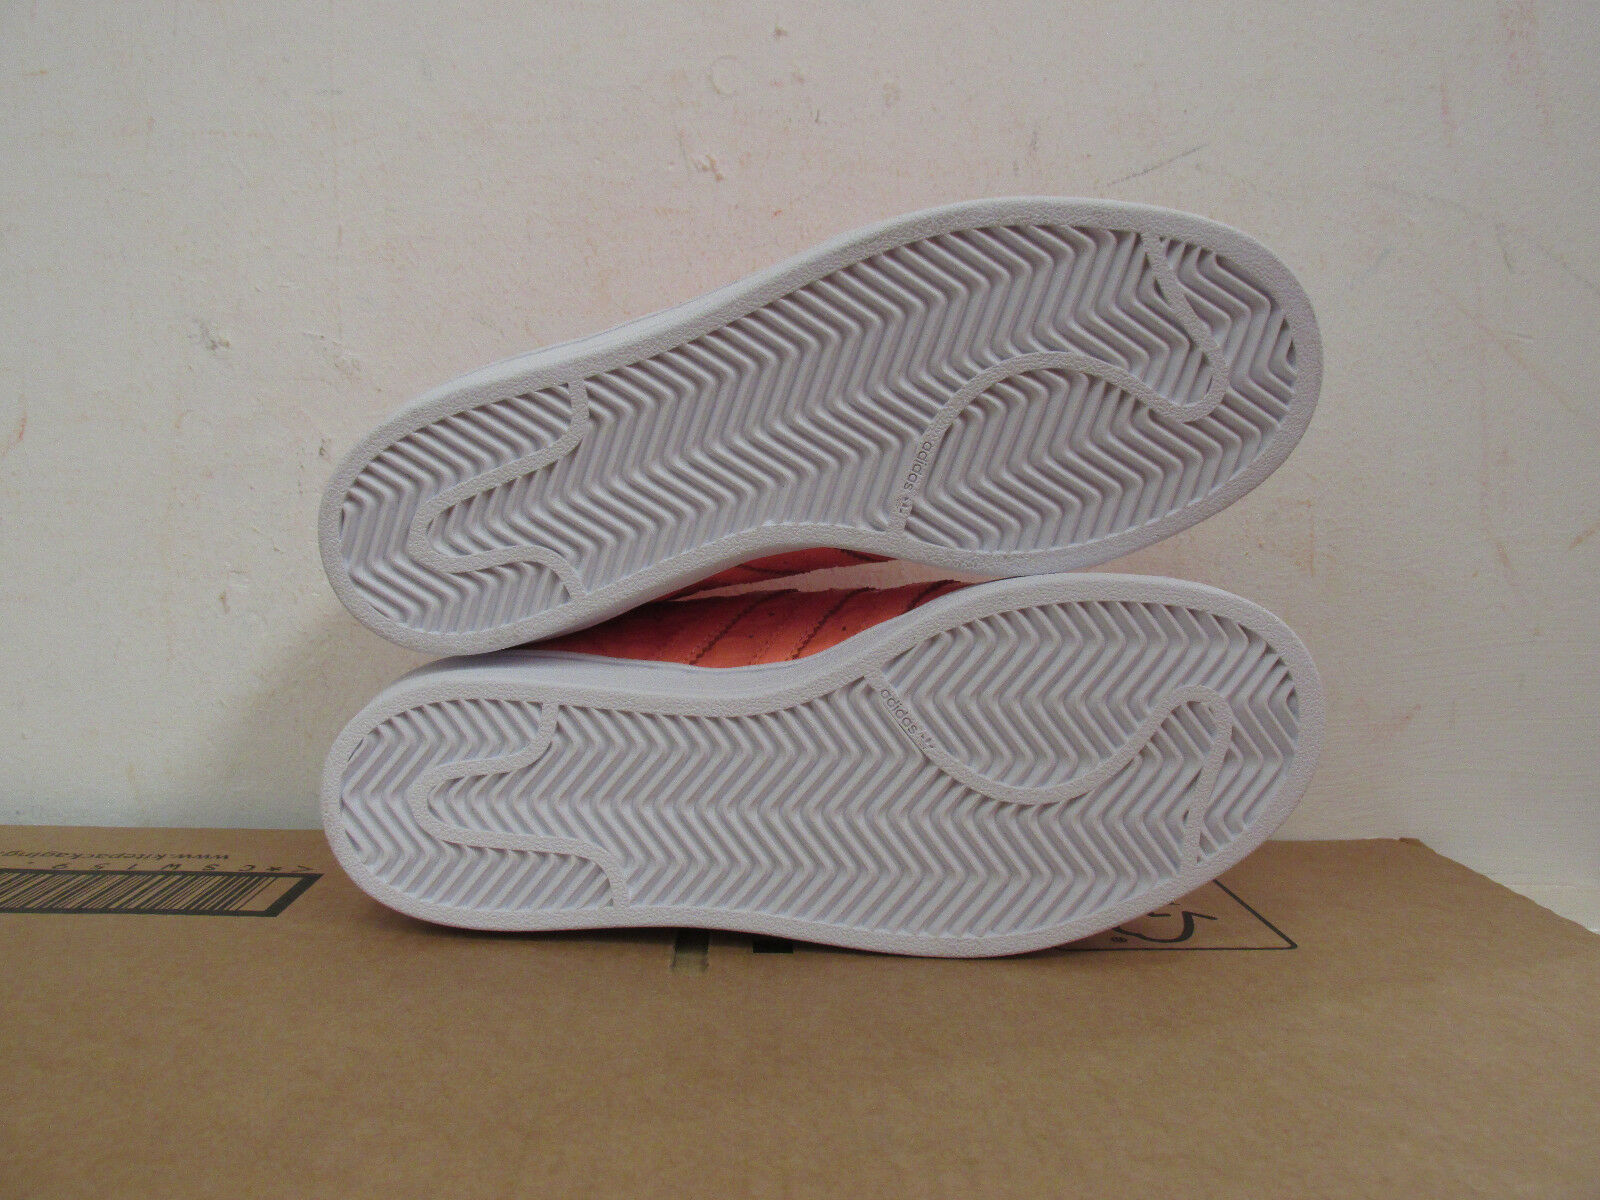 Adidas Adidas Adidas Originaux Superstar Baskets de Course pour Femmes AQ2721 EnlèveHommes t   Mode    Emballage Solide  02c103